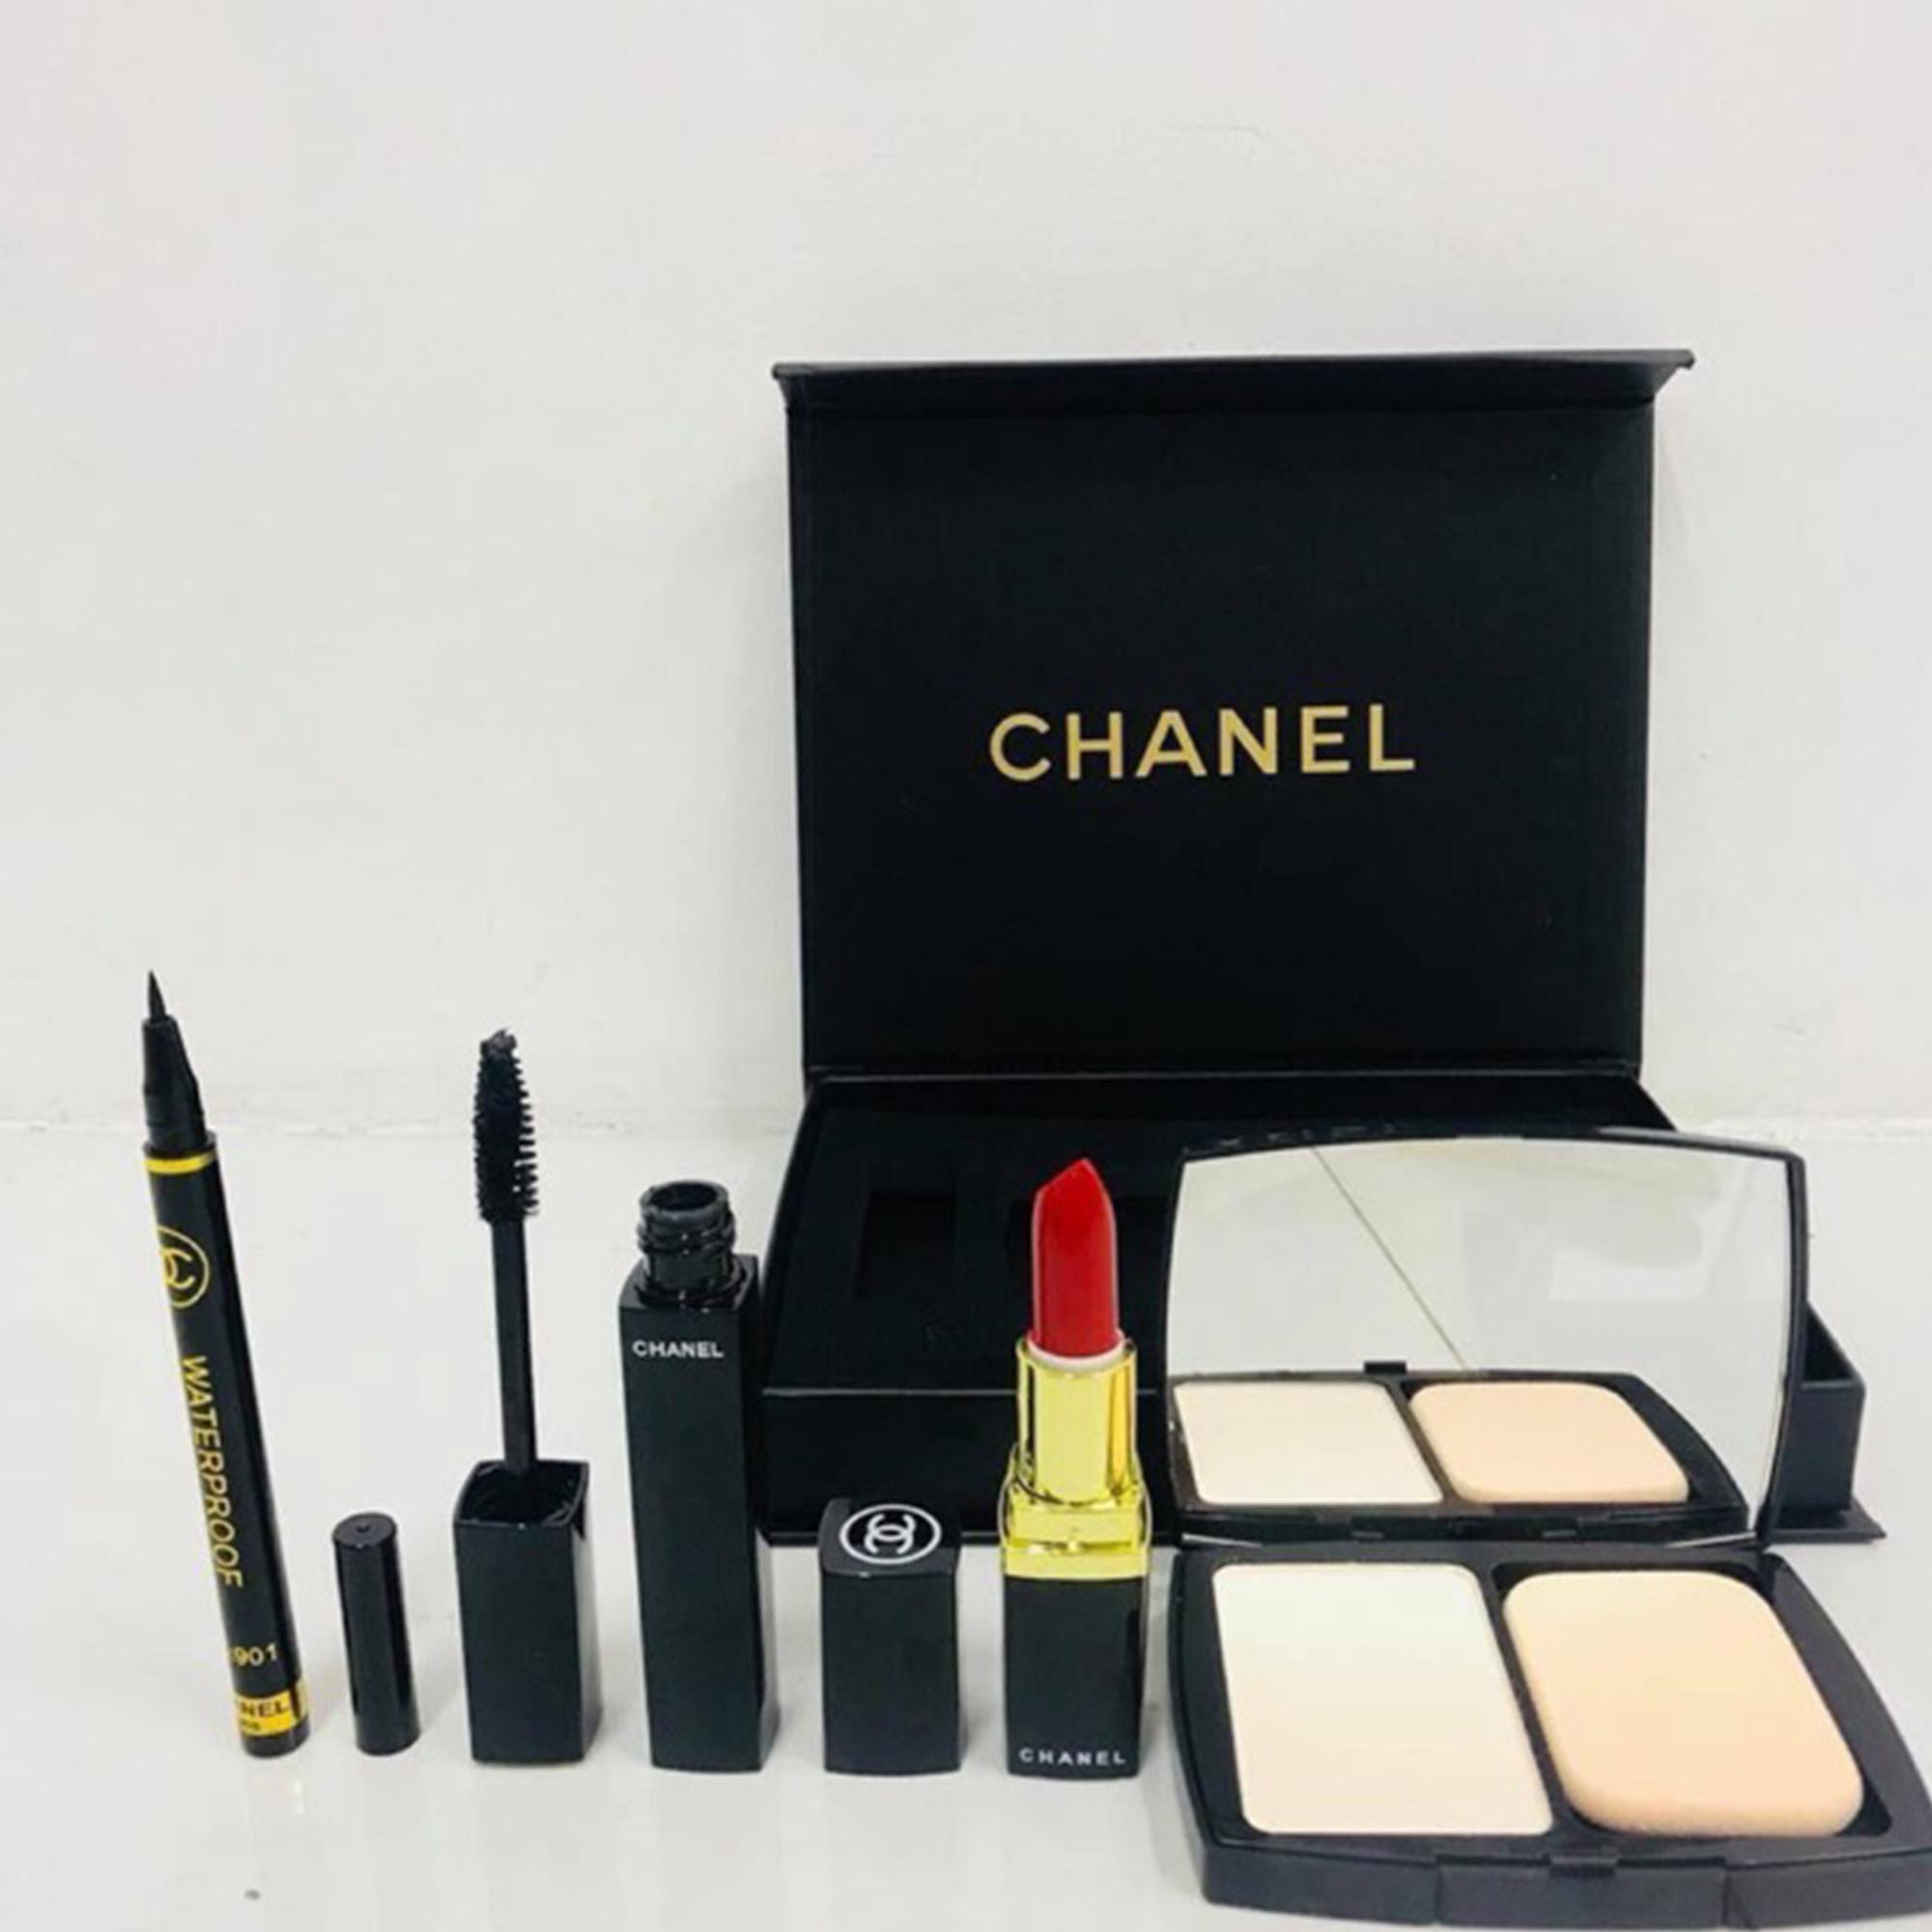 Chanl Makeup Set 4pcs Philippines